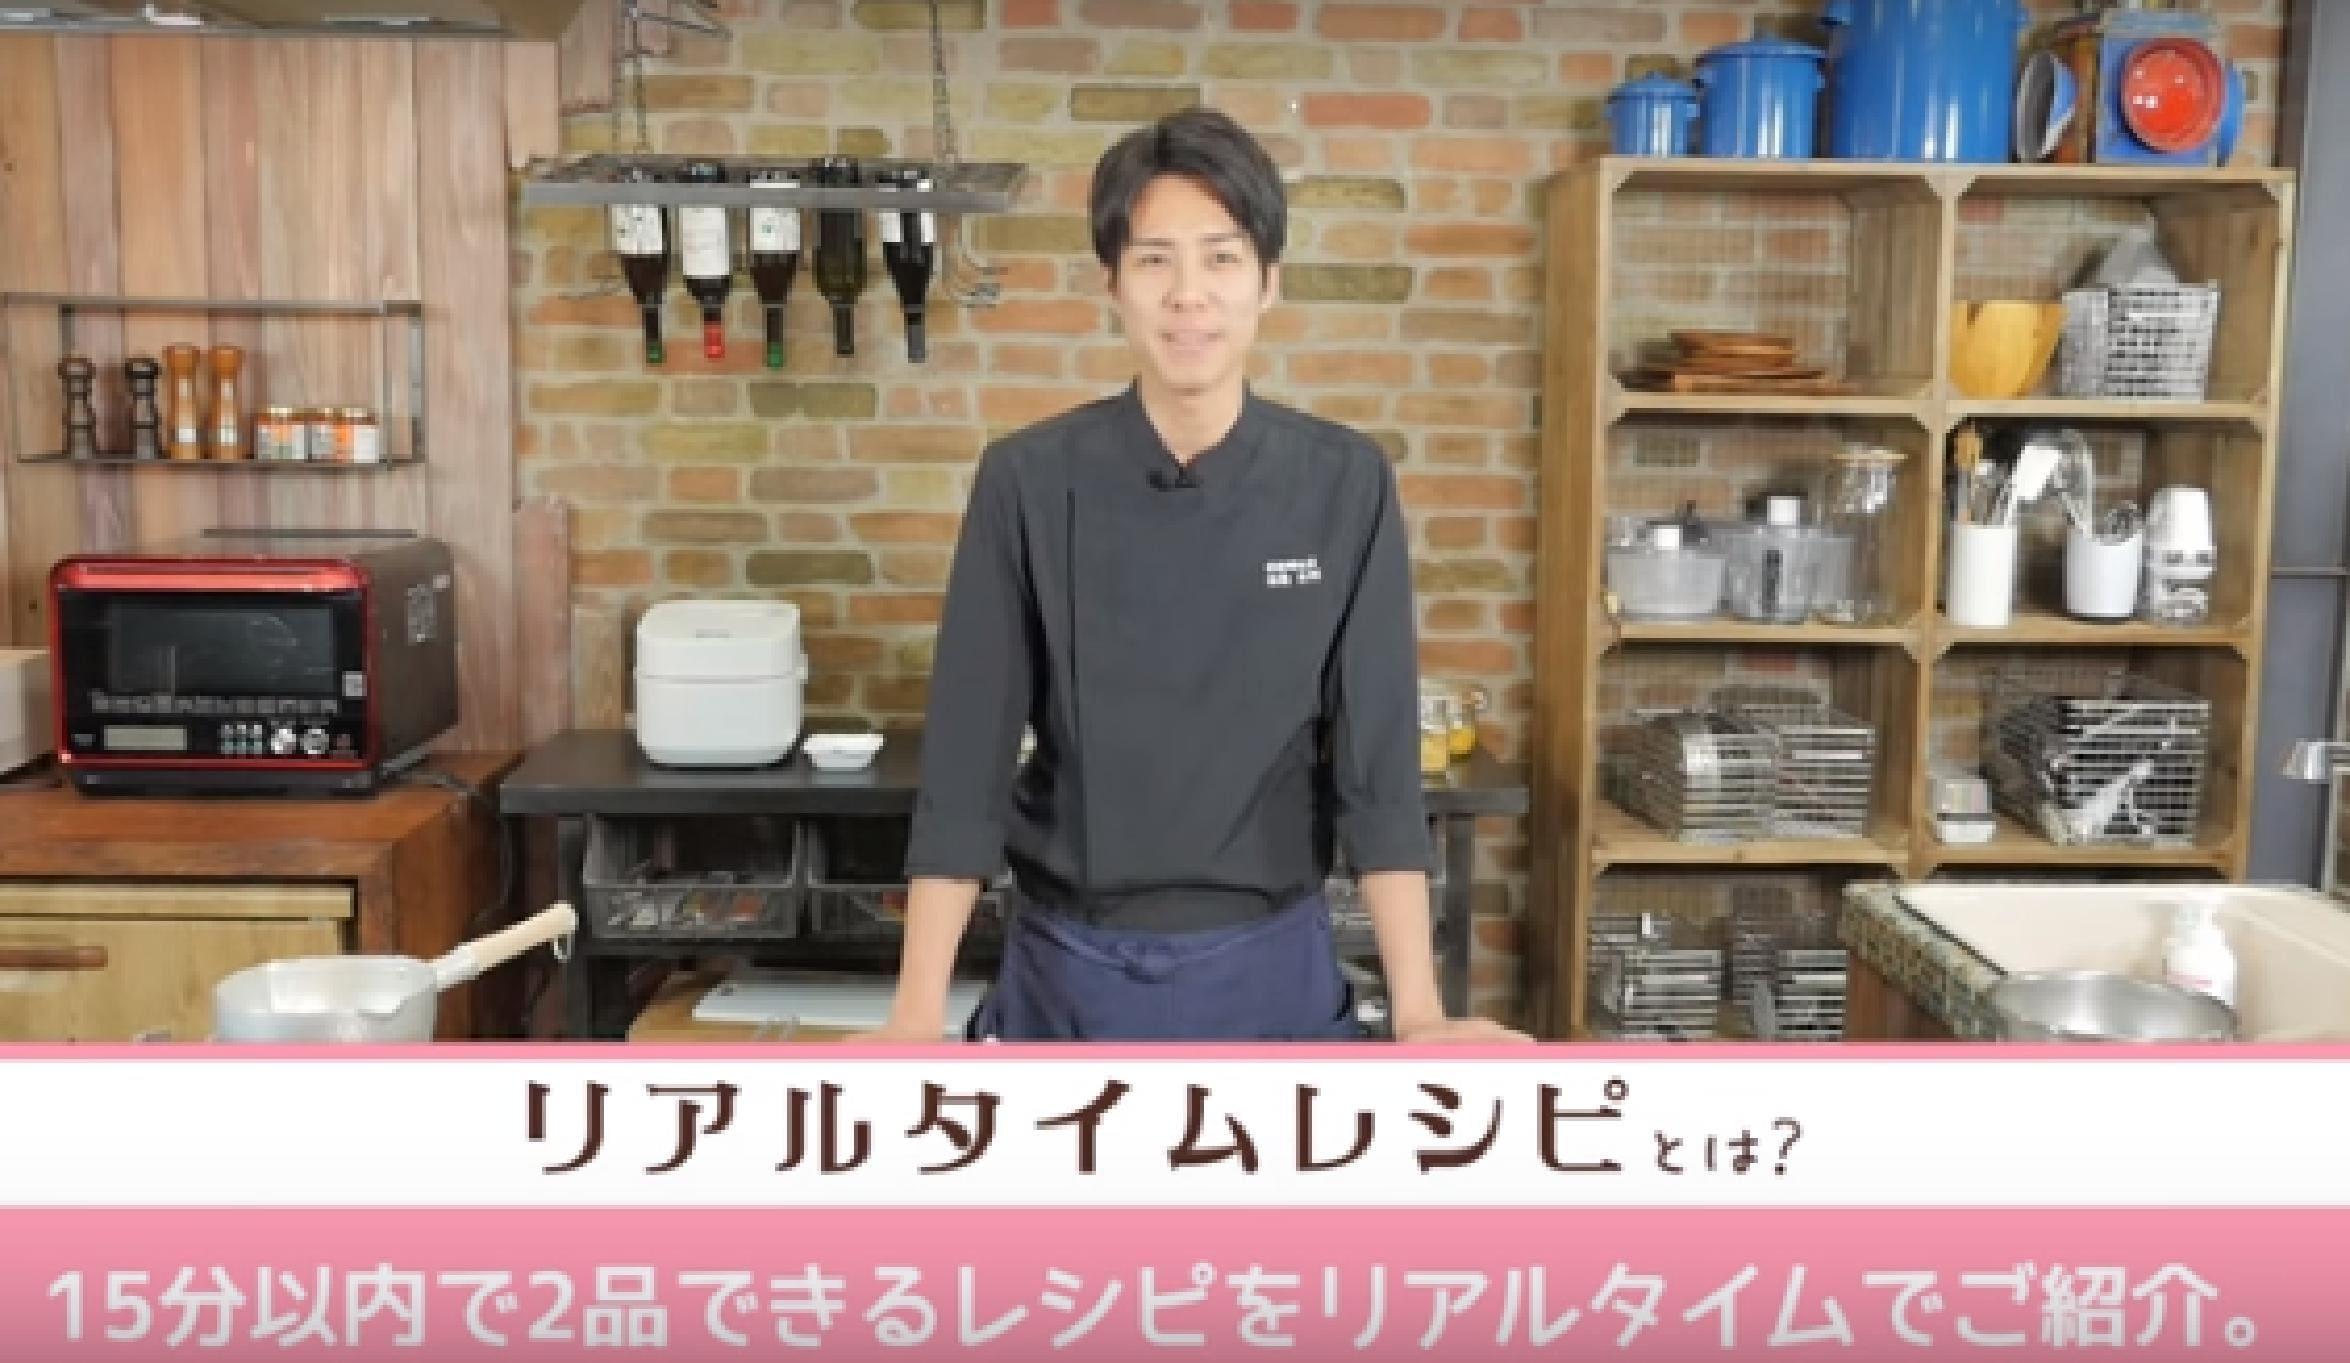 高橋善郎:アルファアーキテクト株式会社様 ライフシアター出演 15分2品リアルタイムレシピ パート13